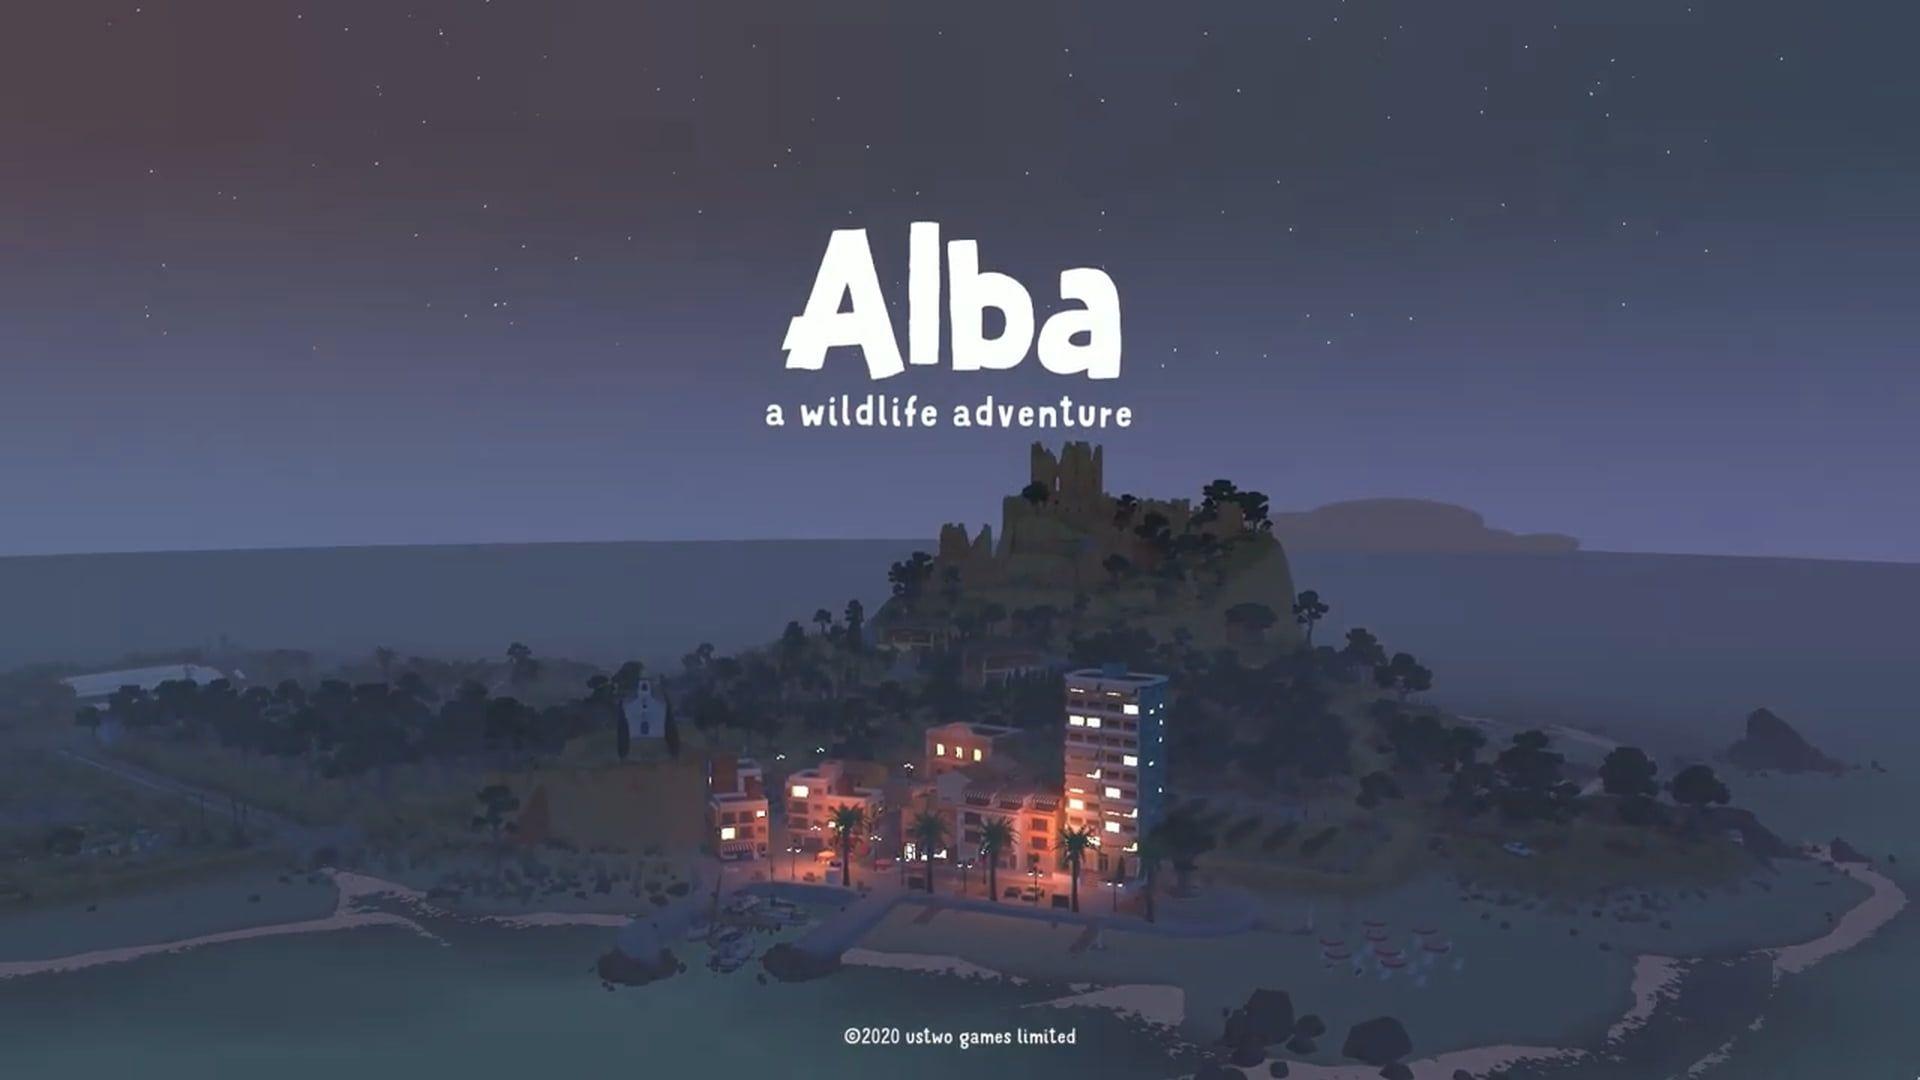 """Nowa gra """"Alba: A Wildlife Adventure"""" dostępna w Apple Arcade"""